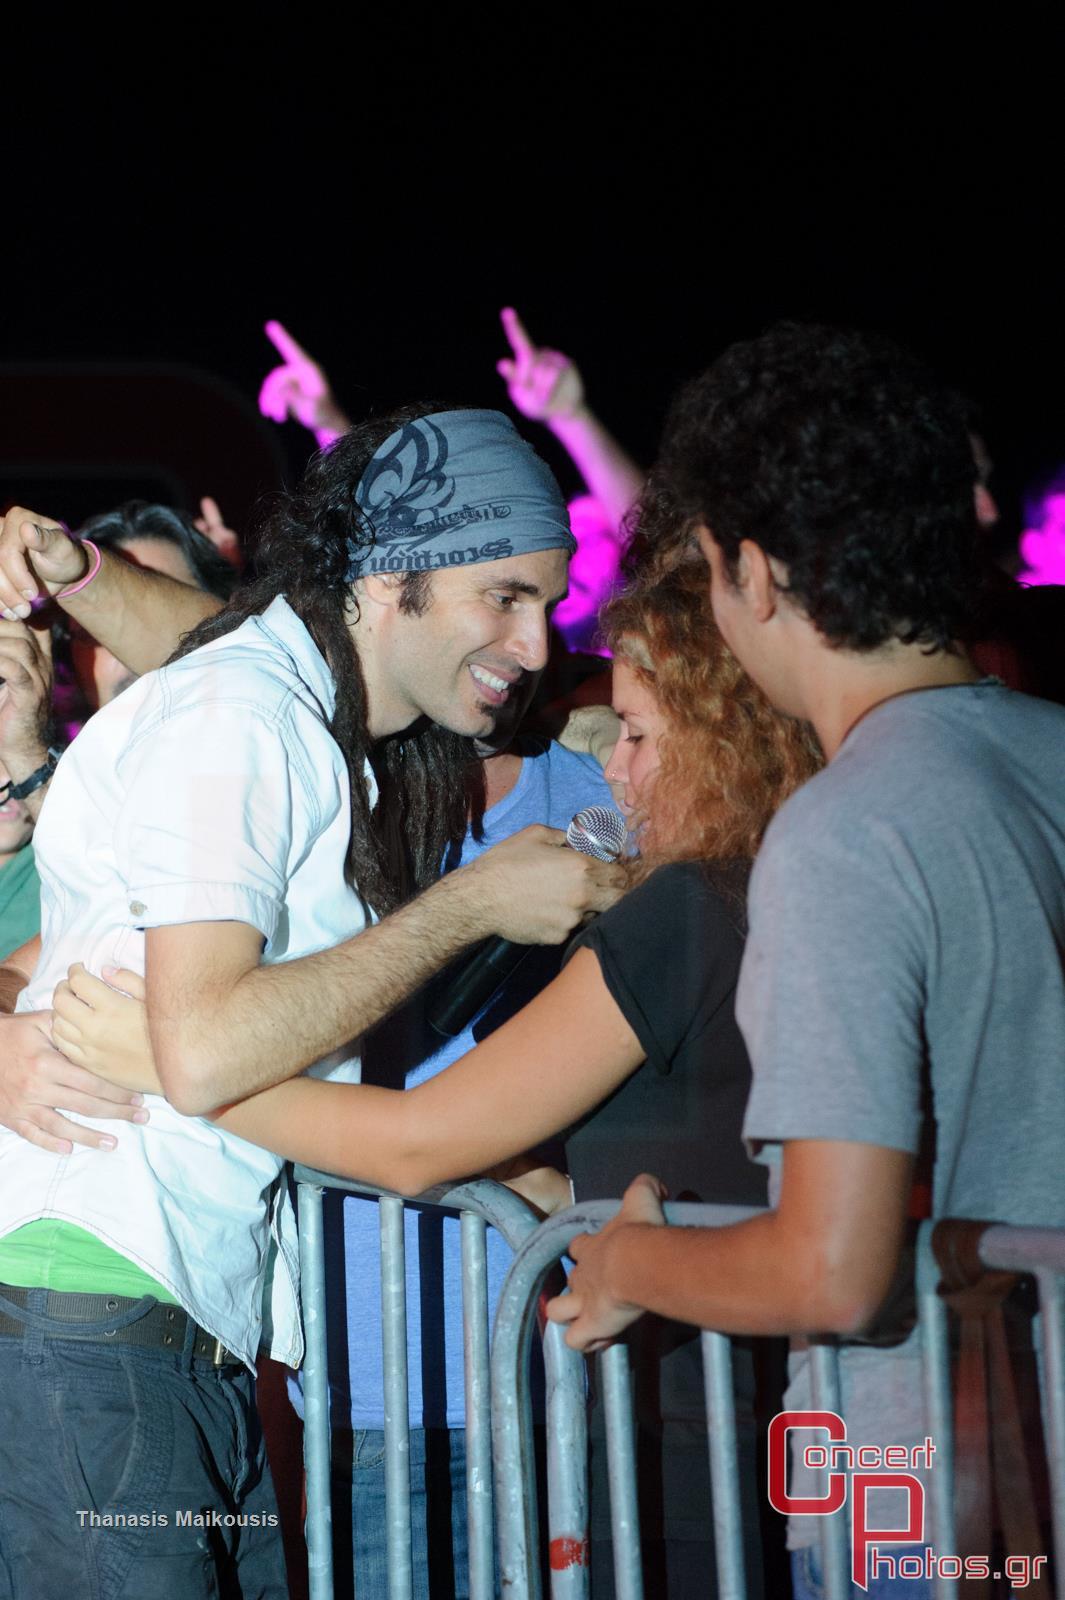 Locomondo-Locomondo 2013 Bolivar photographer: Thanasis Maikousis - concertphotos_-6965